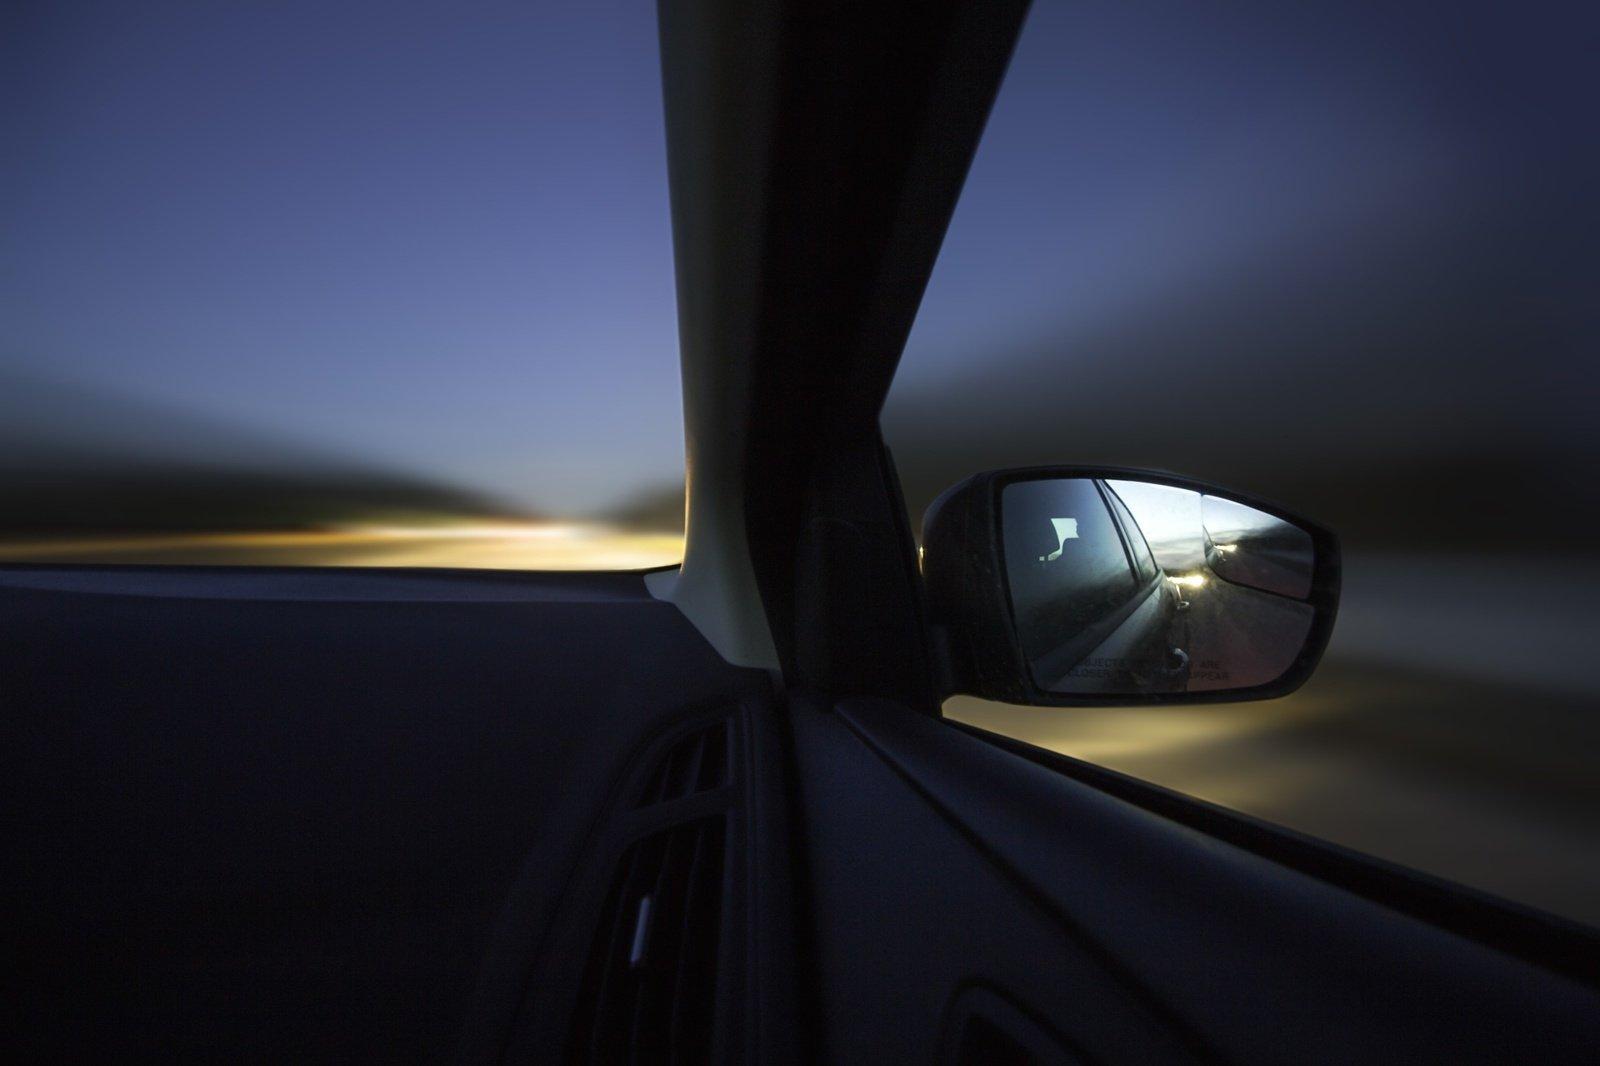 Tauragės rajone nepilnametė sako buvusi prievarta įsodinta į automobilį